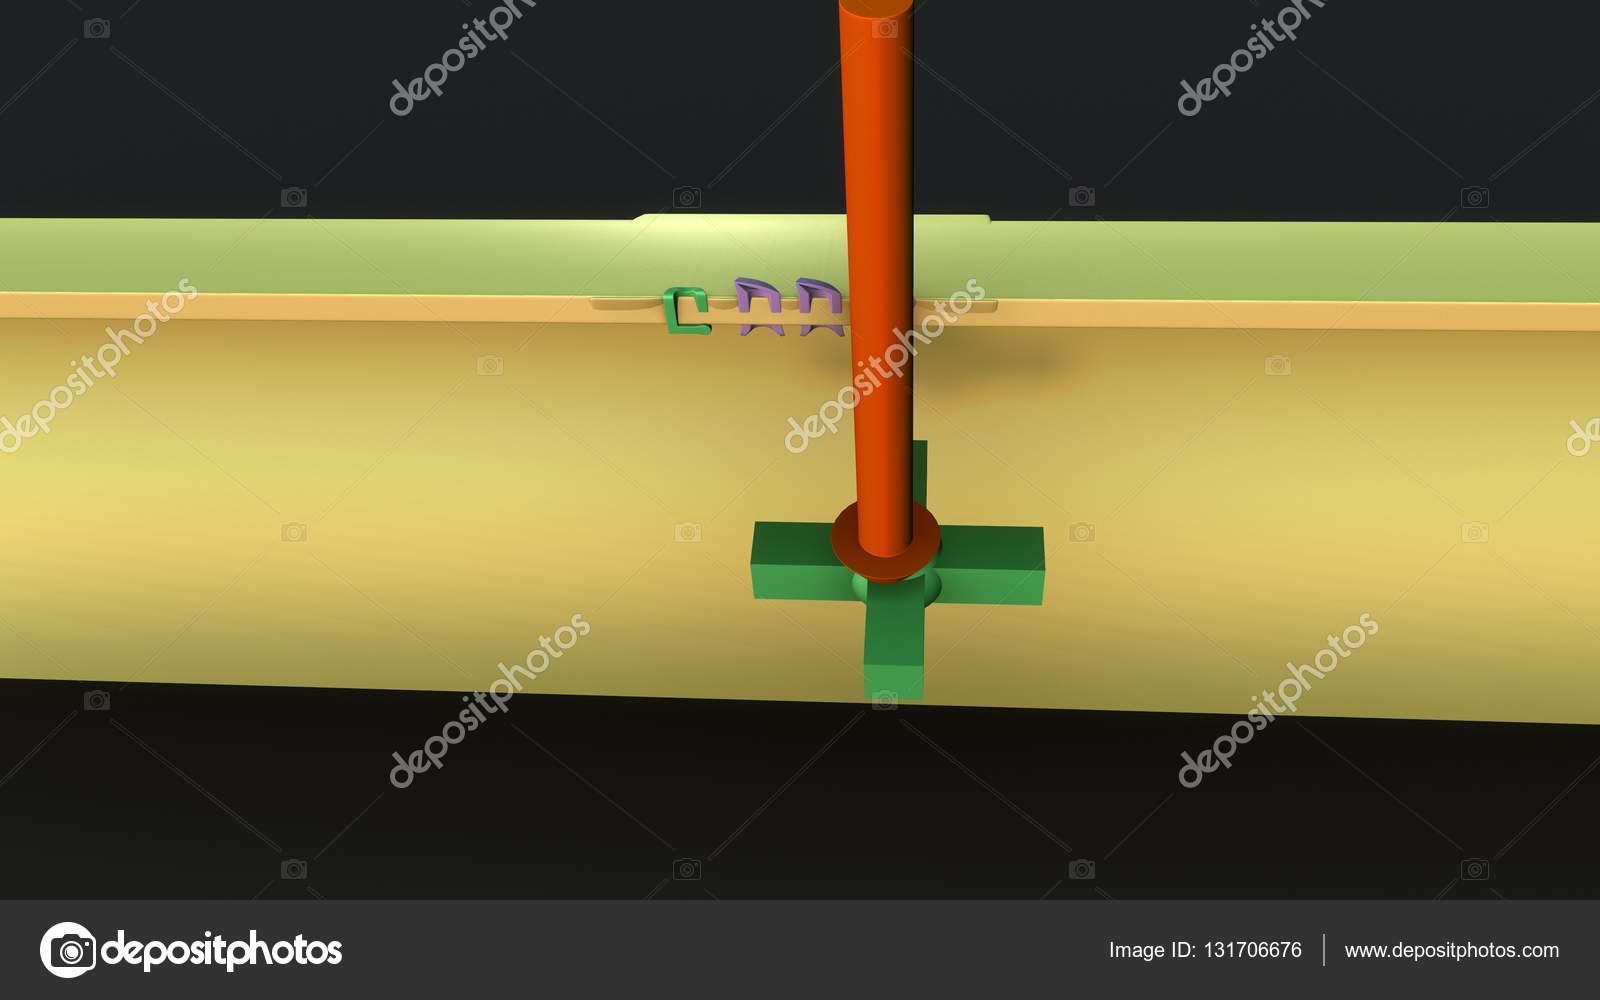 impulso nervioso humano Anatomía — Foto de stock © sciencepics ...